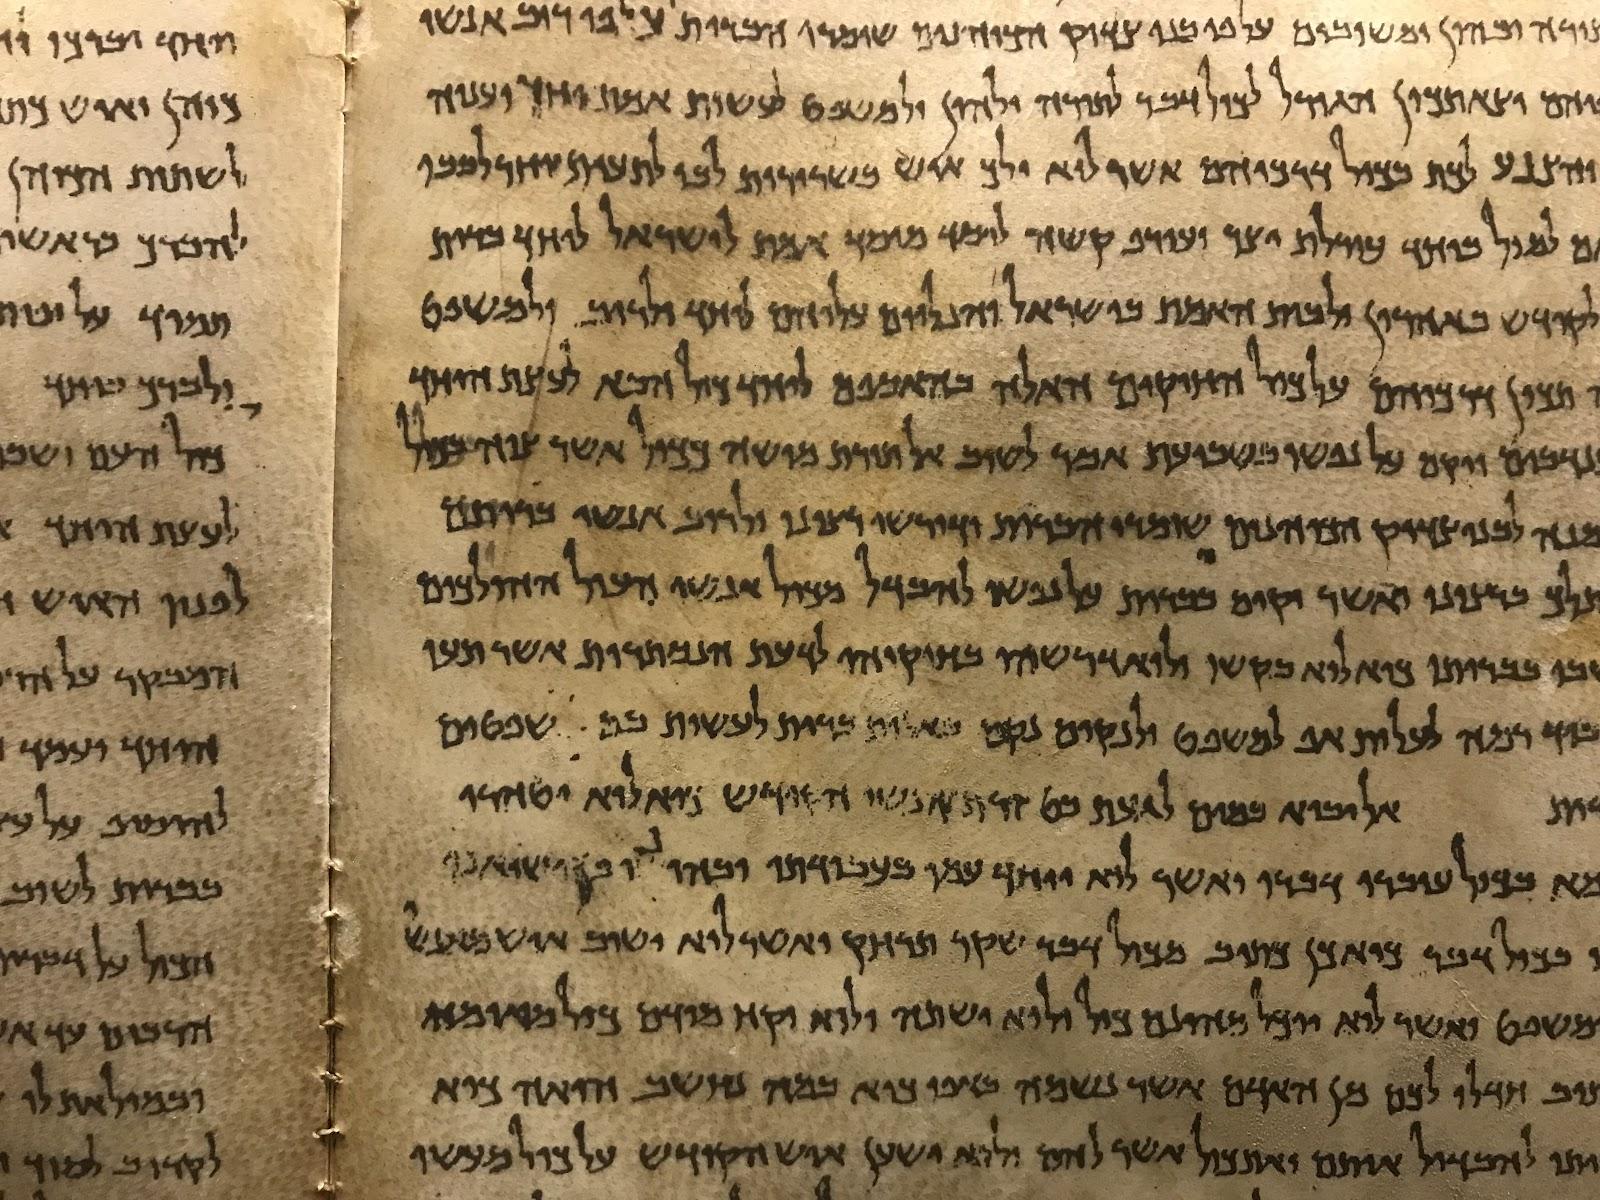 文書 と は 死海 死海文書とは何か?「恐怖の洞窟」で60年ぶりに紙片を発見(ハフポスト日本版)